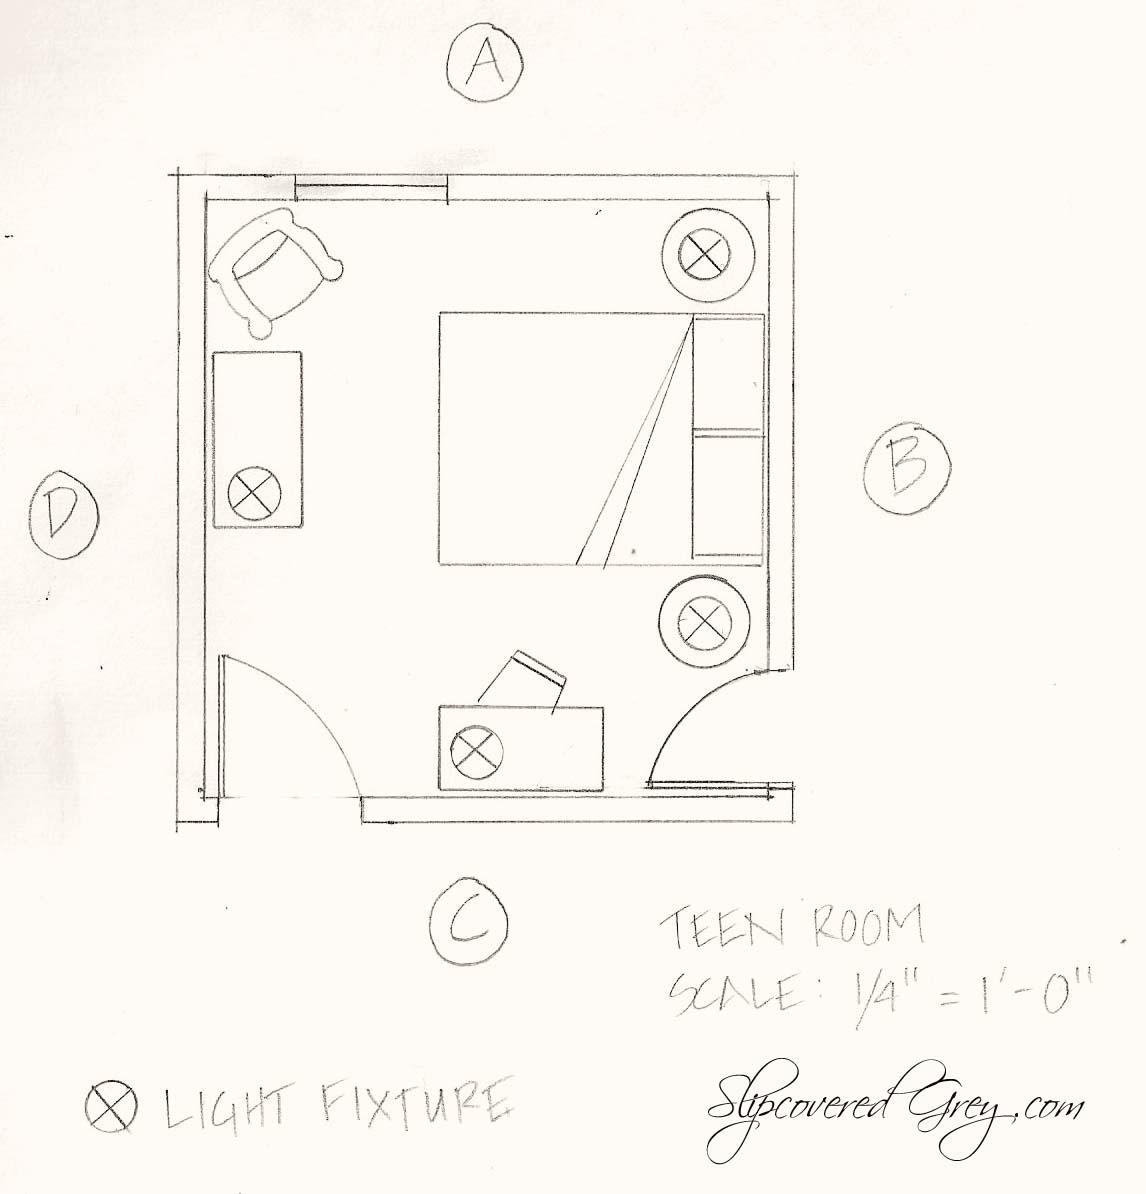 hight resolution of tutorial floor plan